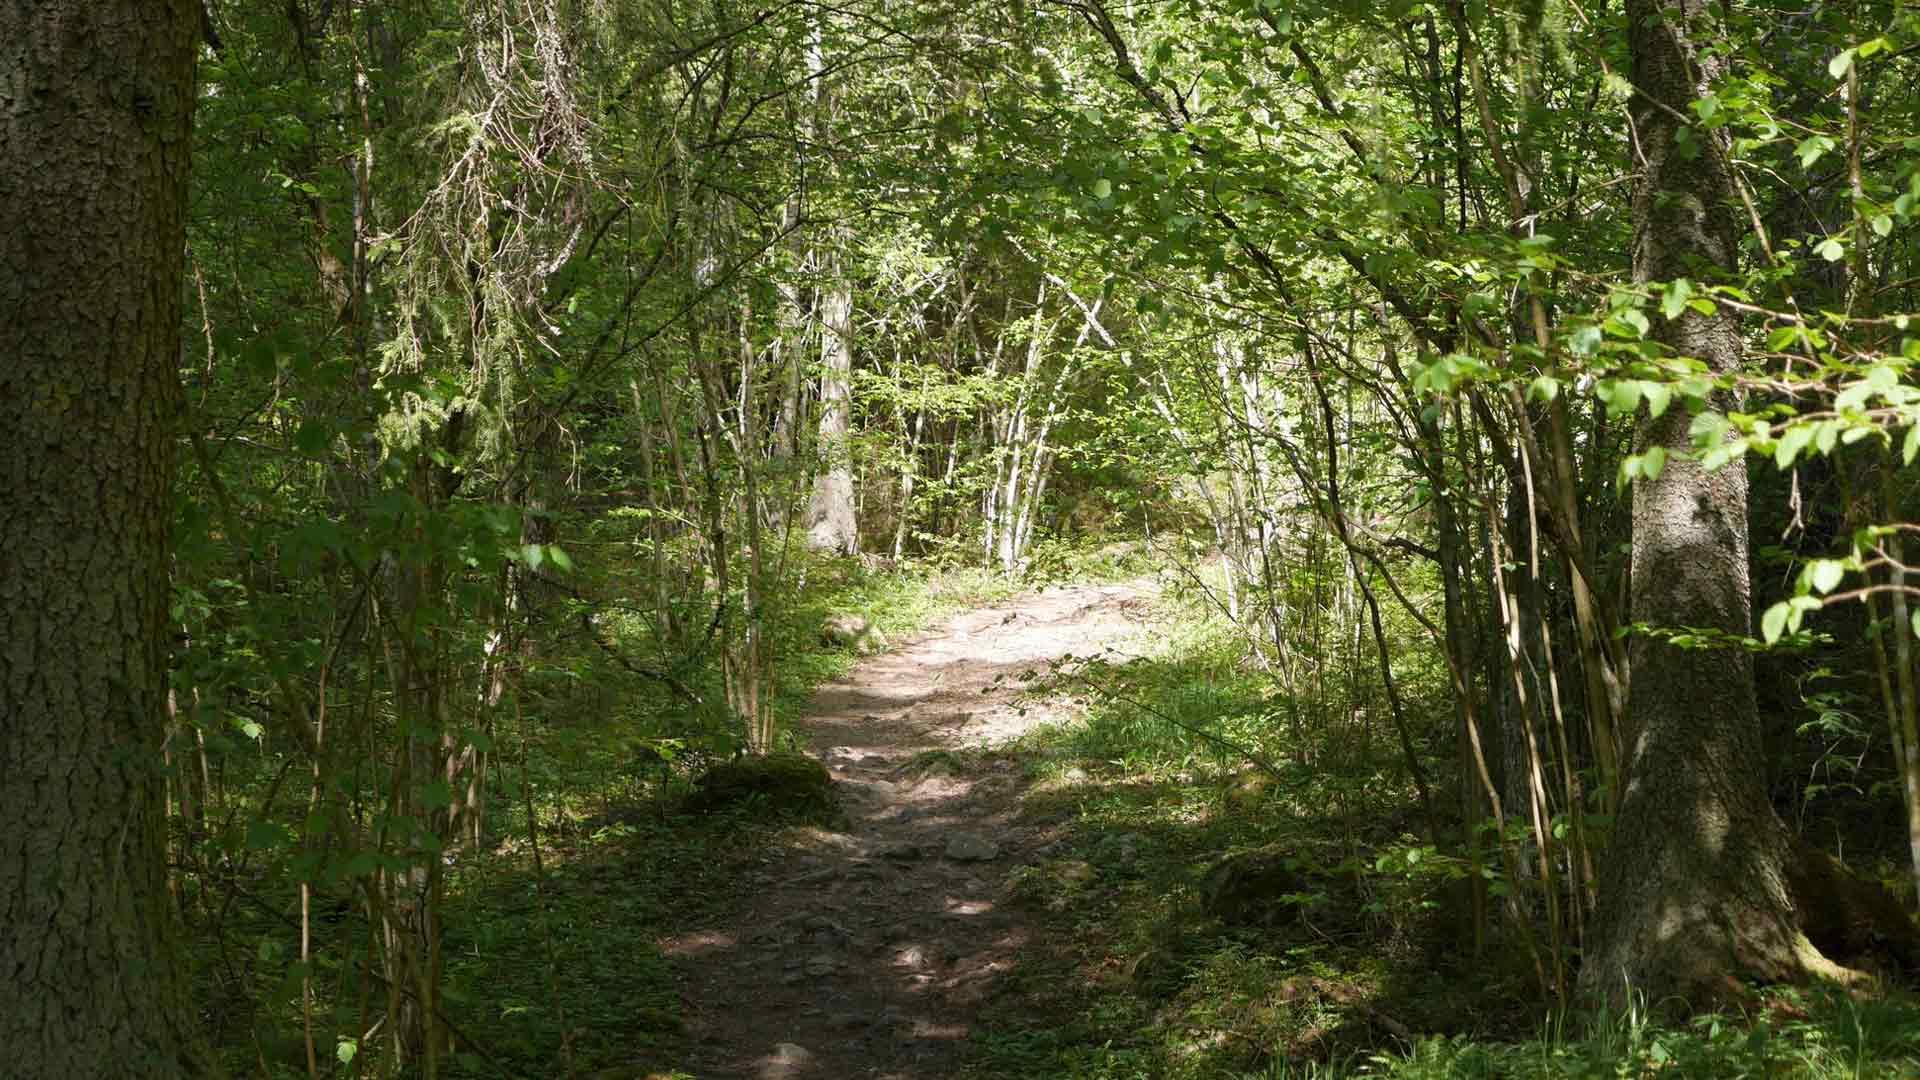 Sibeliuksen metsä kutsuu – polku johdattaa oksaholvin alta.